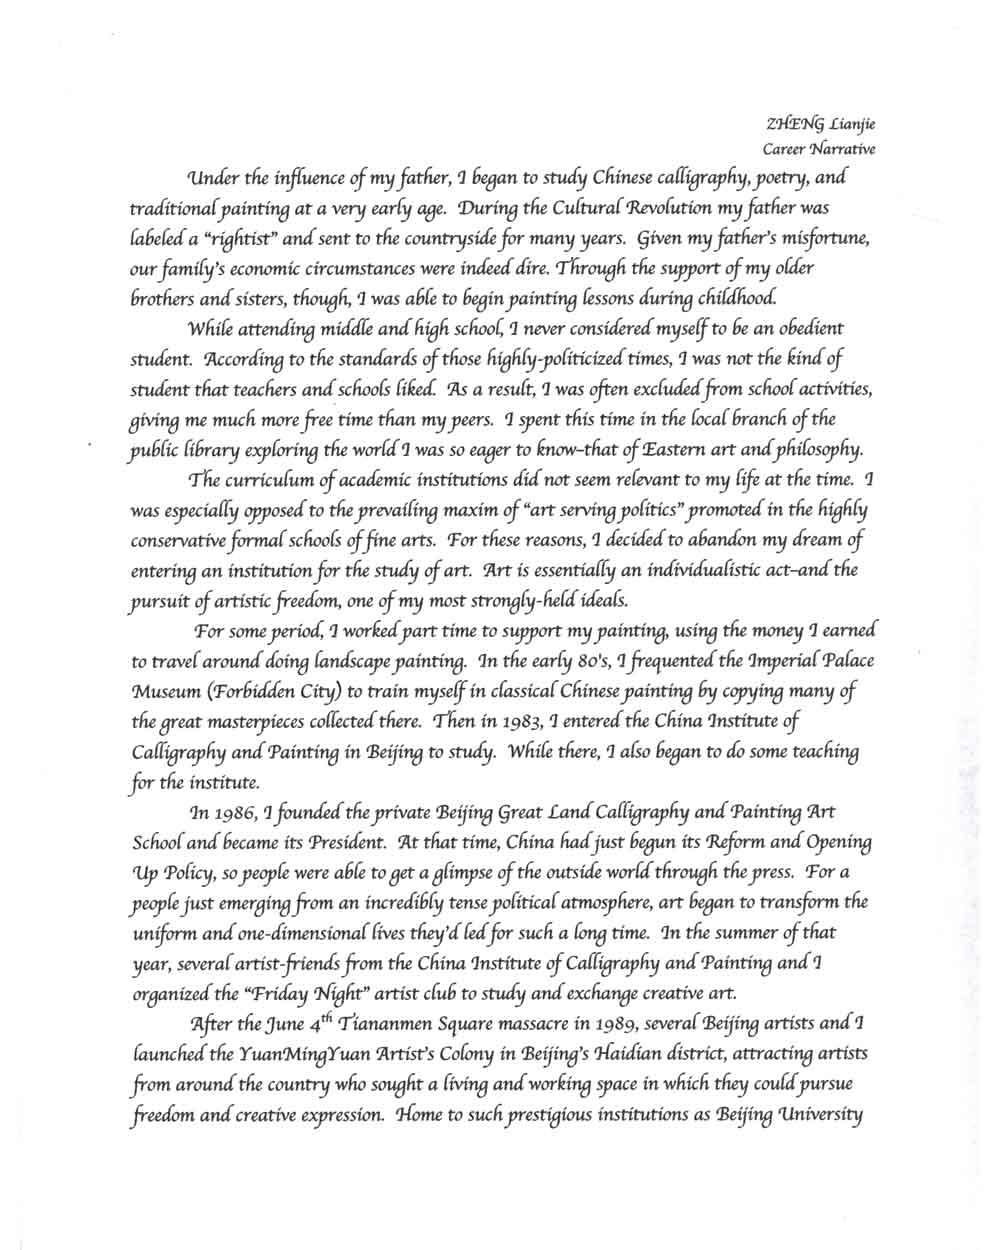 Lianjie Zheng's Artist Statement, pg 1